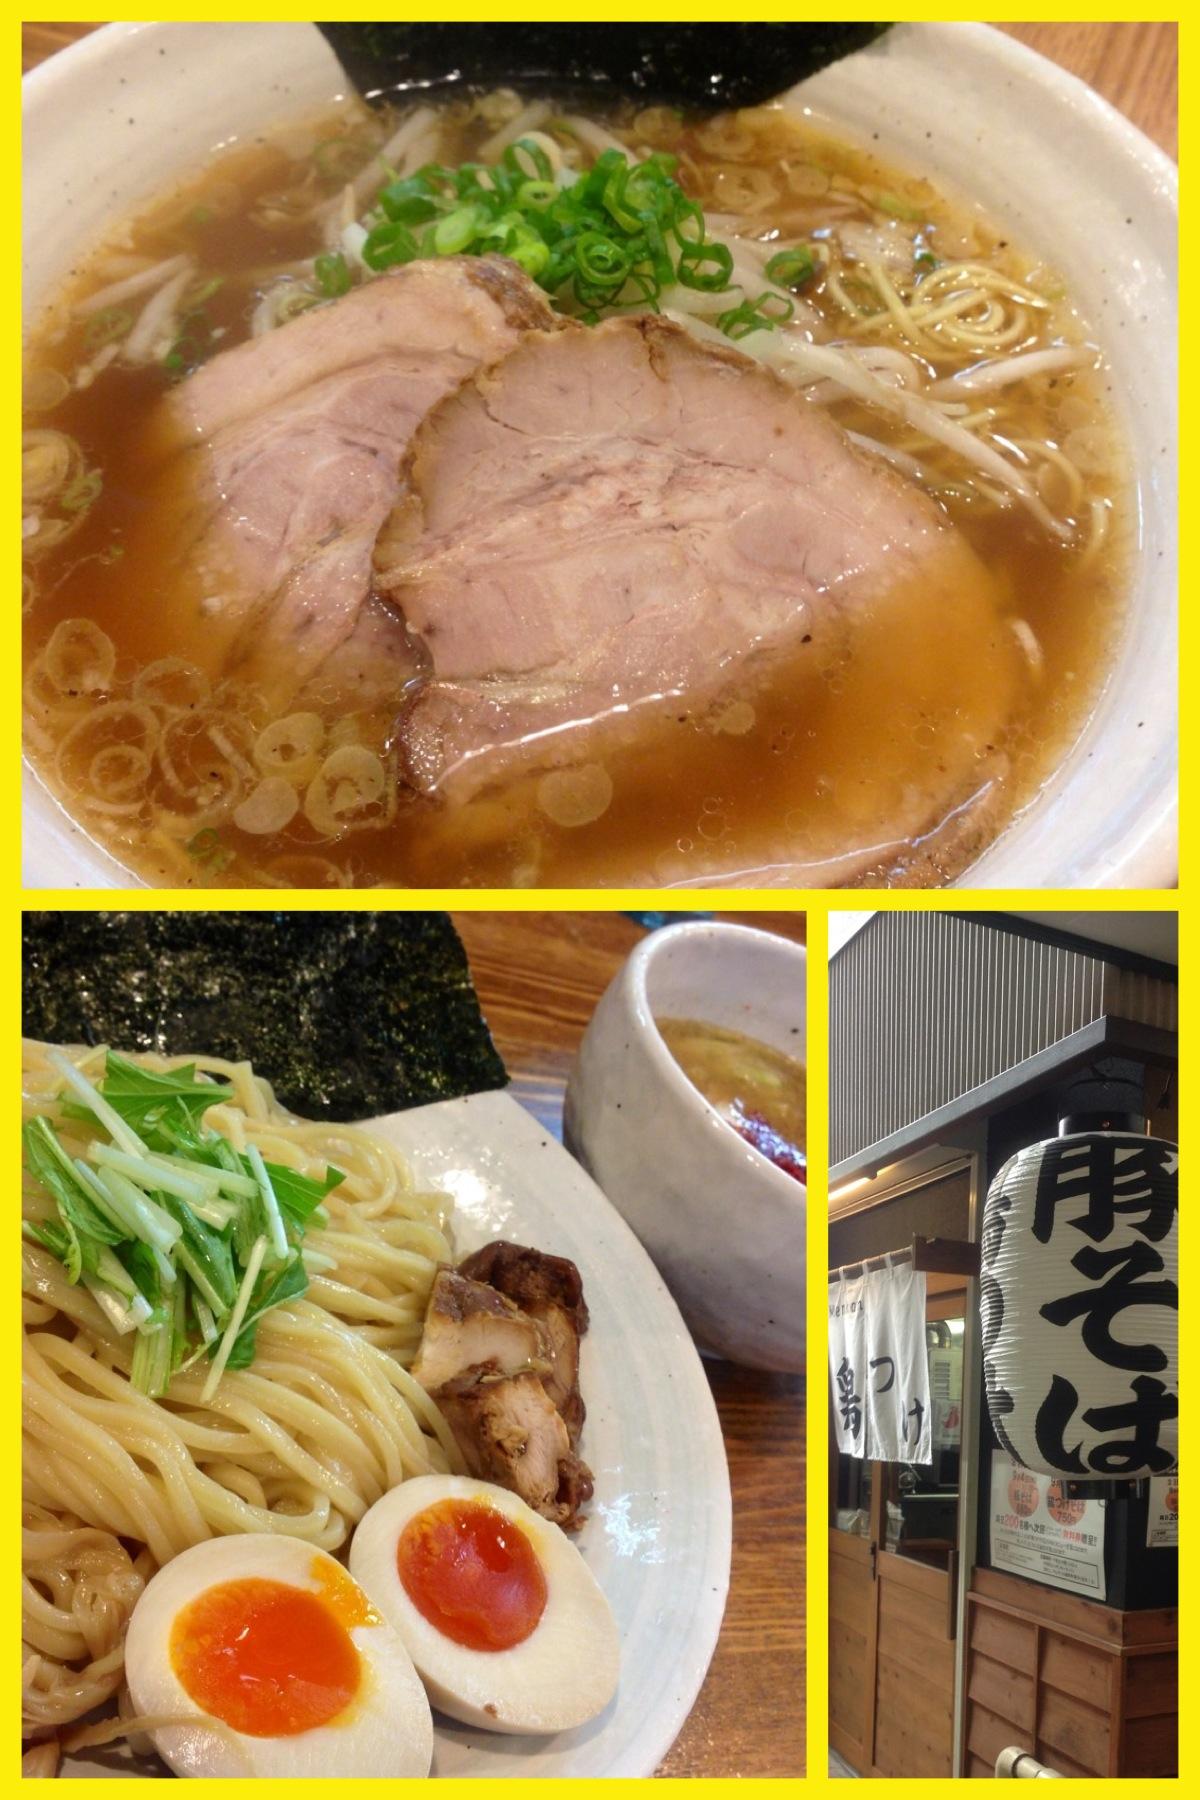 「上海麺館」新装開店、豚そば・鶏つけそば専門店に